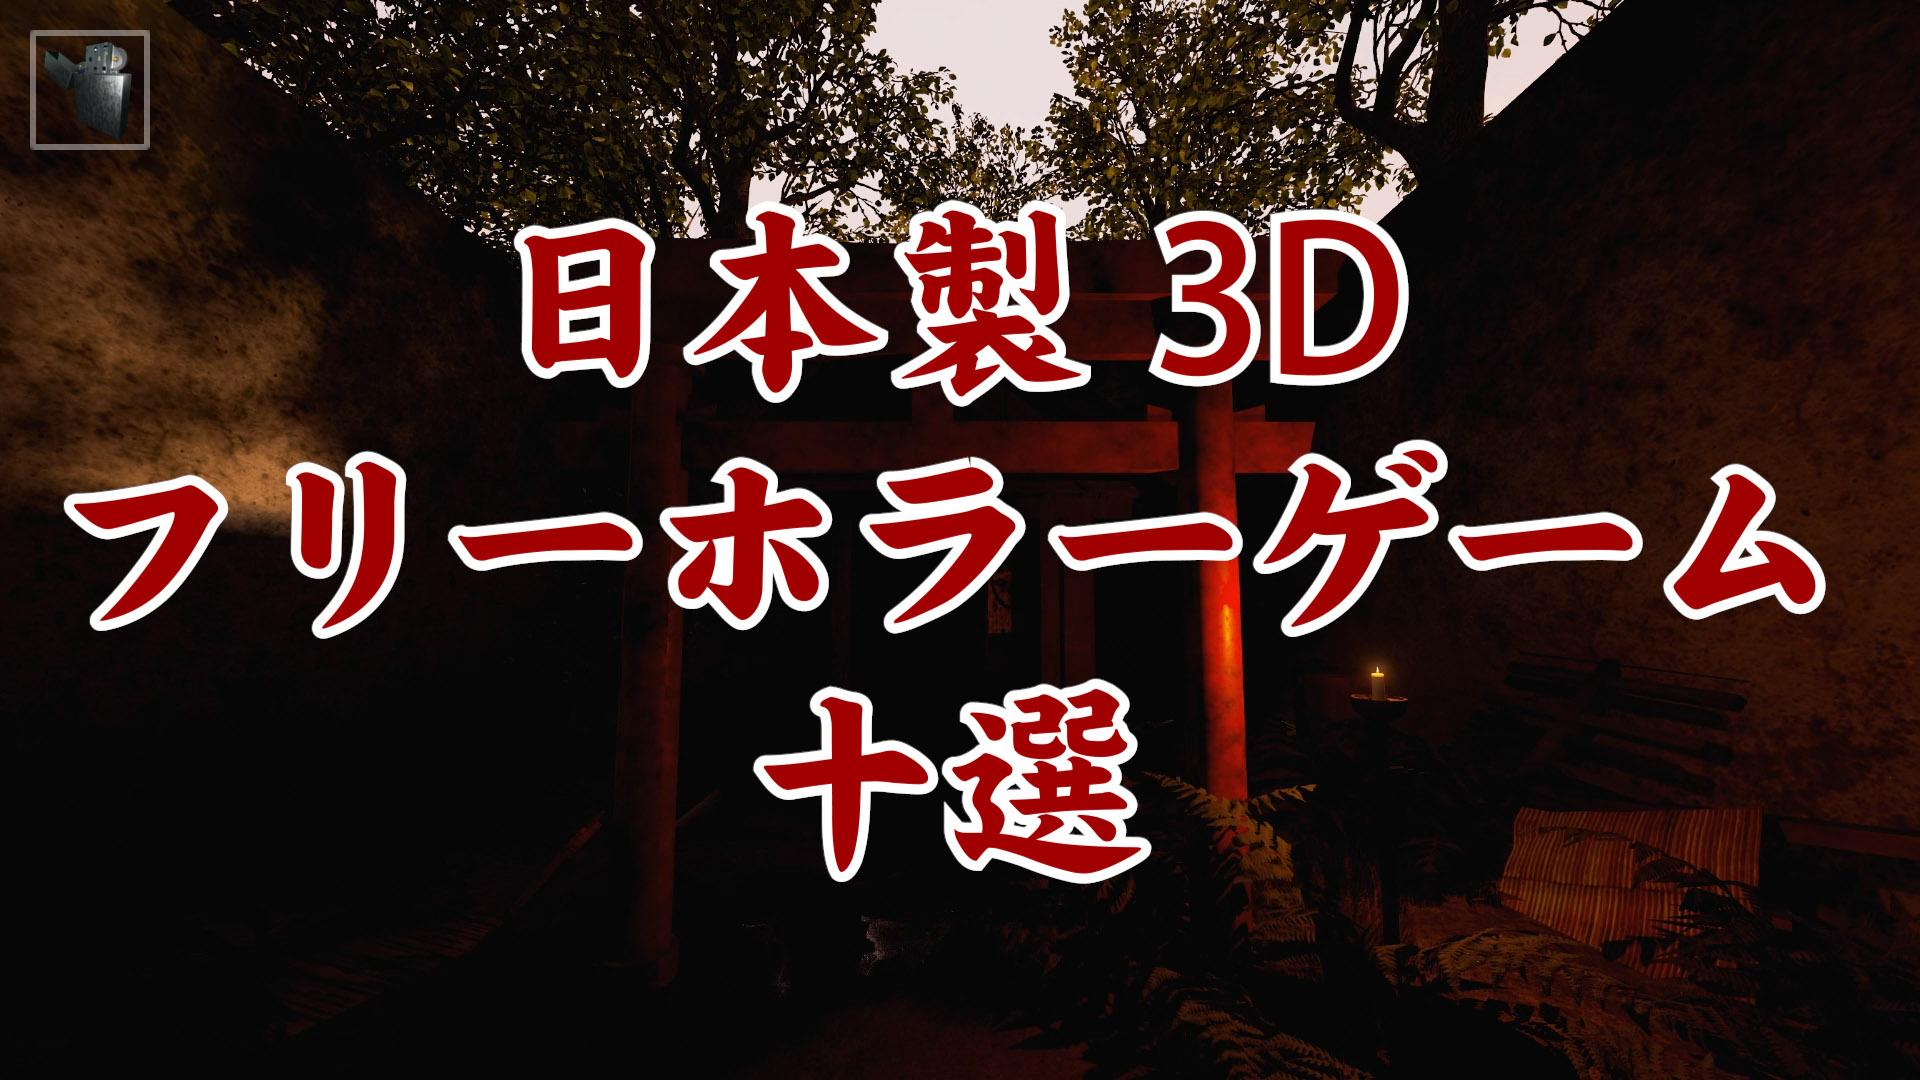 日本製 フリーホラーゲーム まとめ